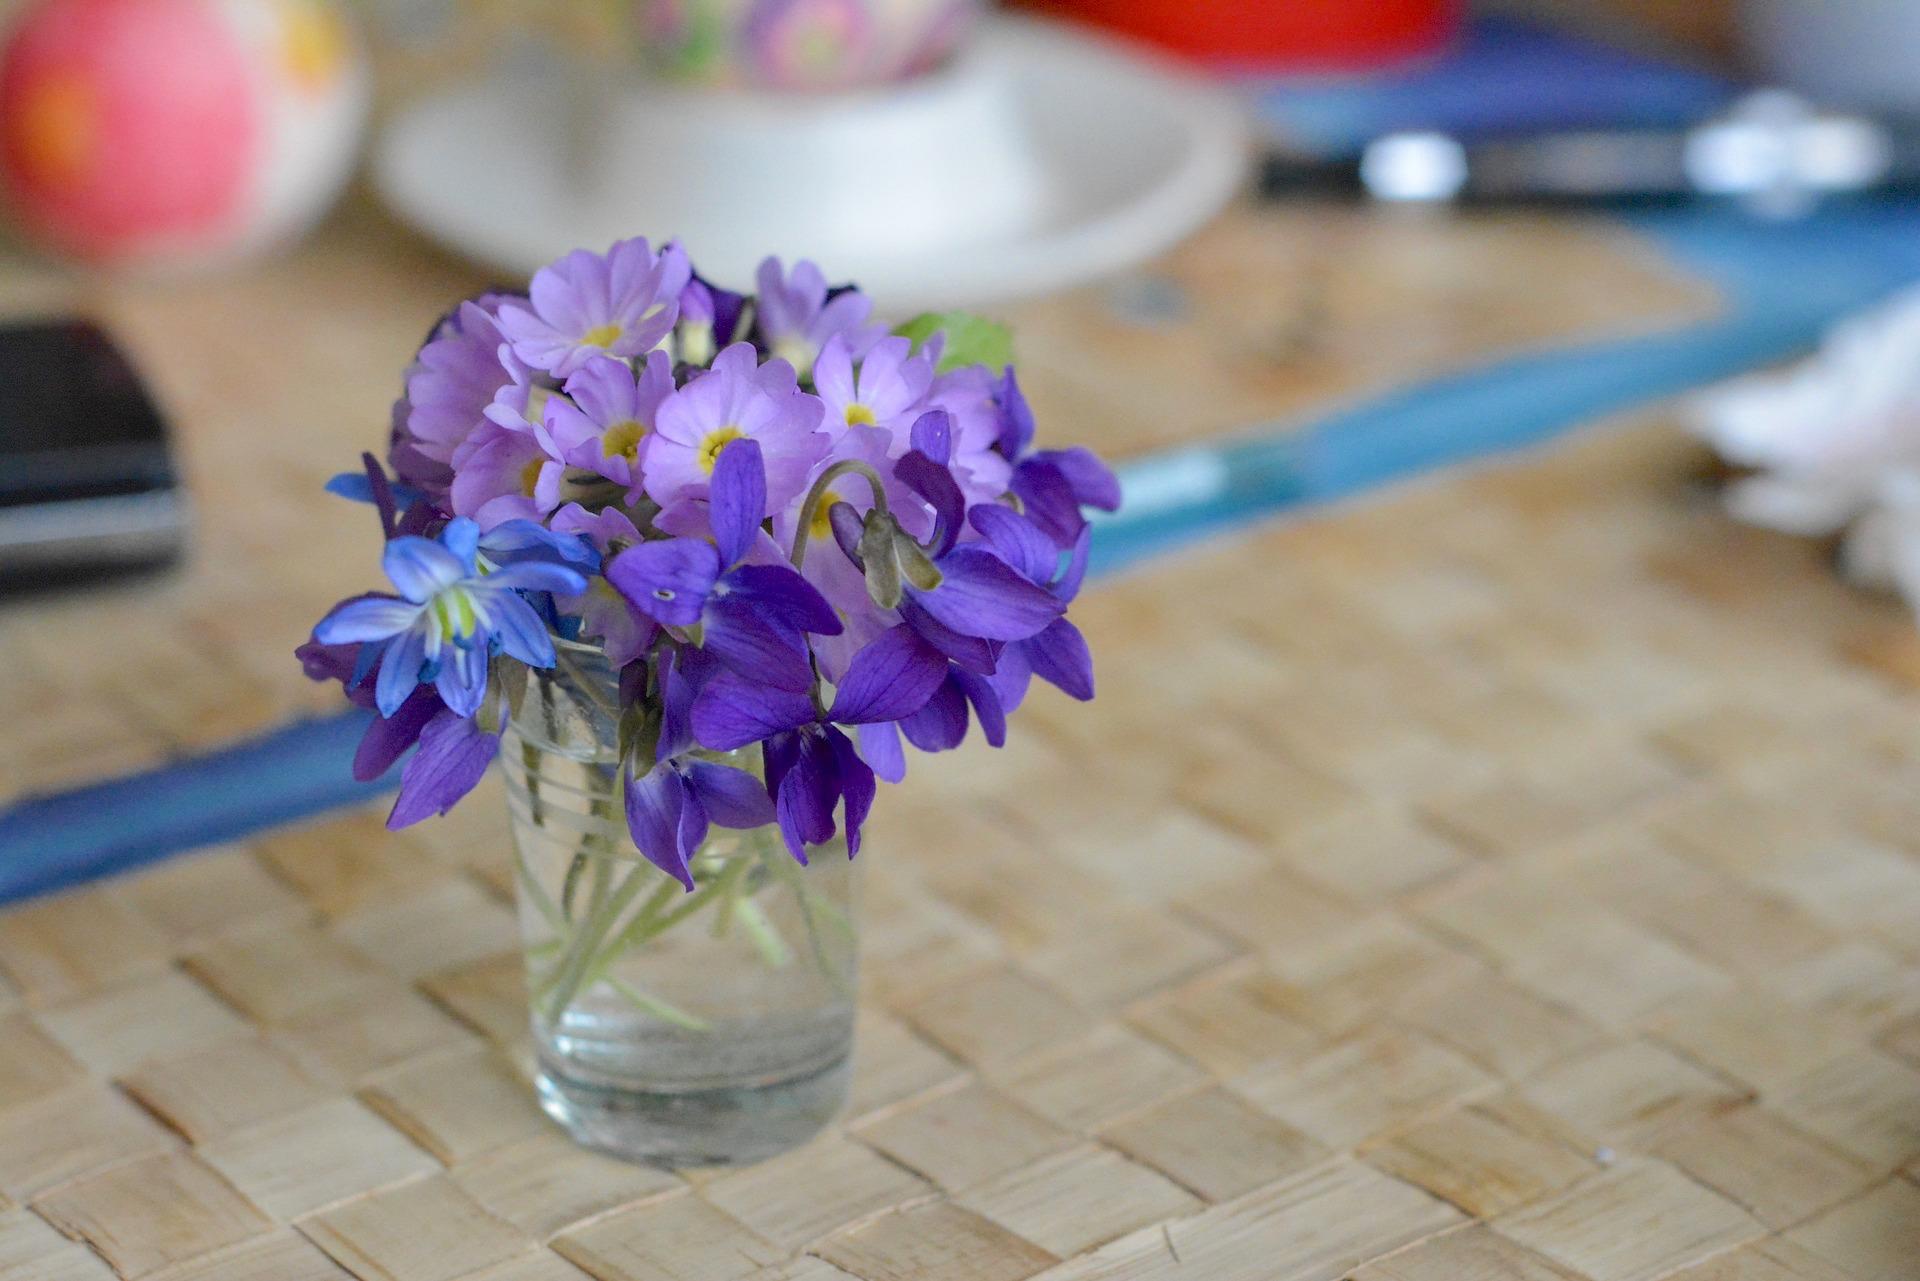 Bouquet de violettes ©utroja0 CC0 pixabay